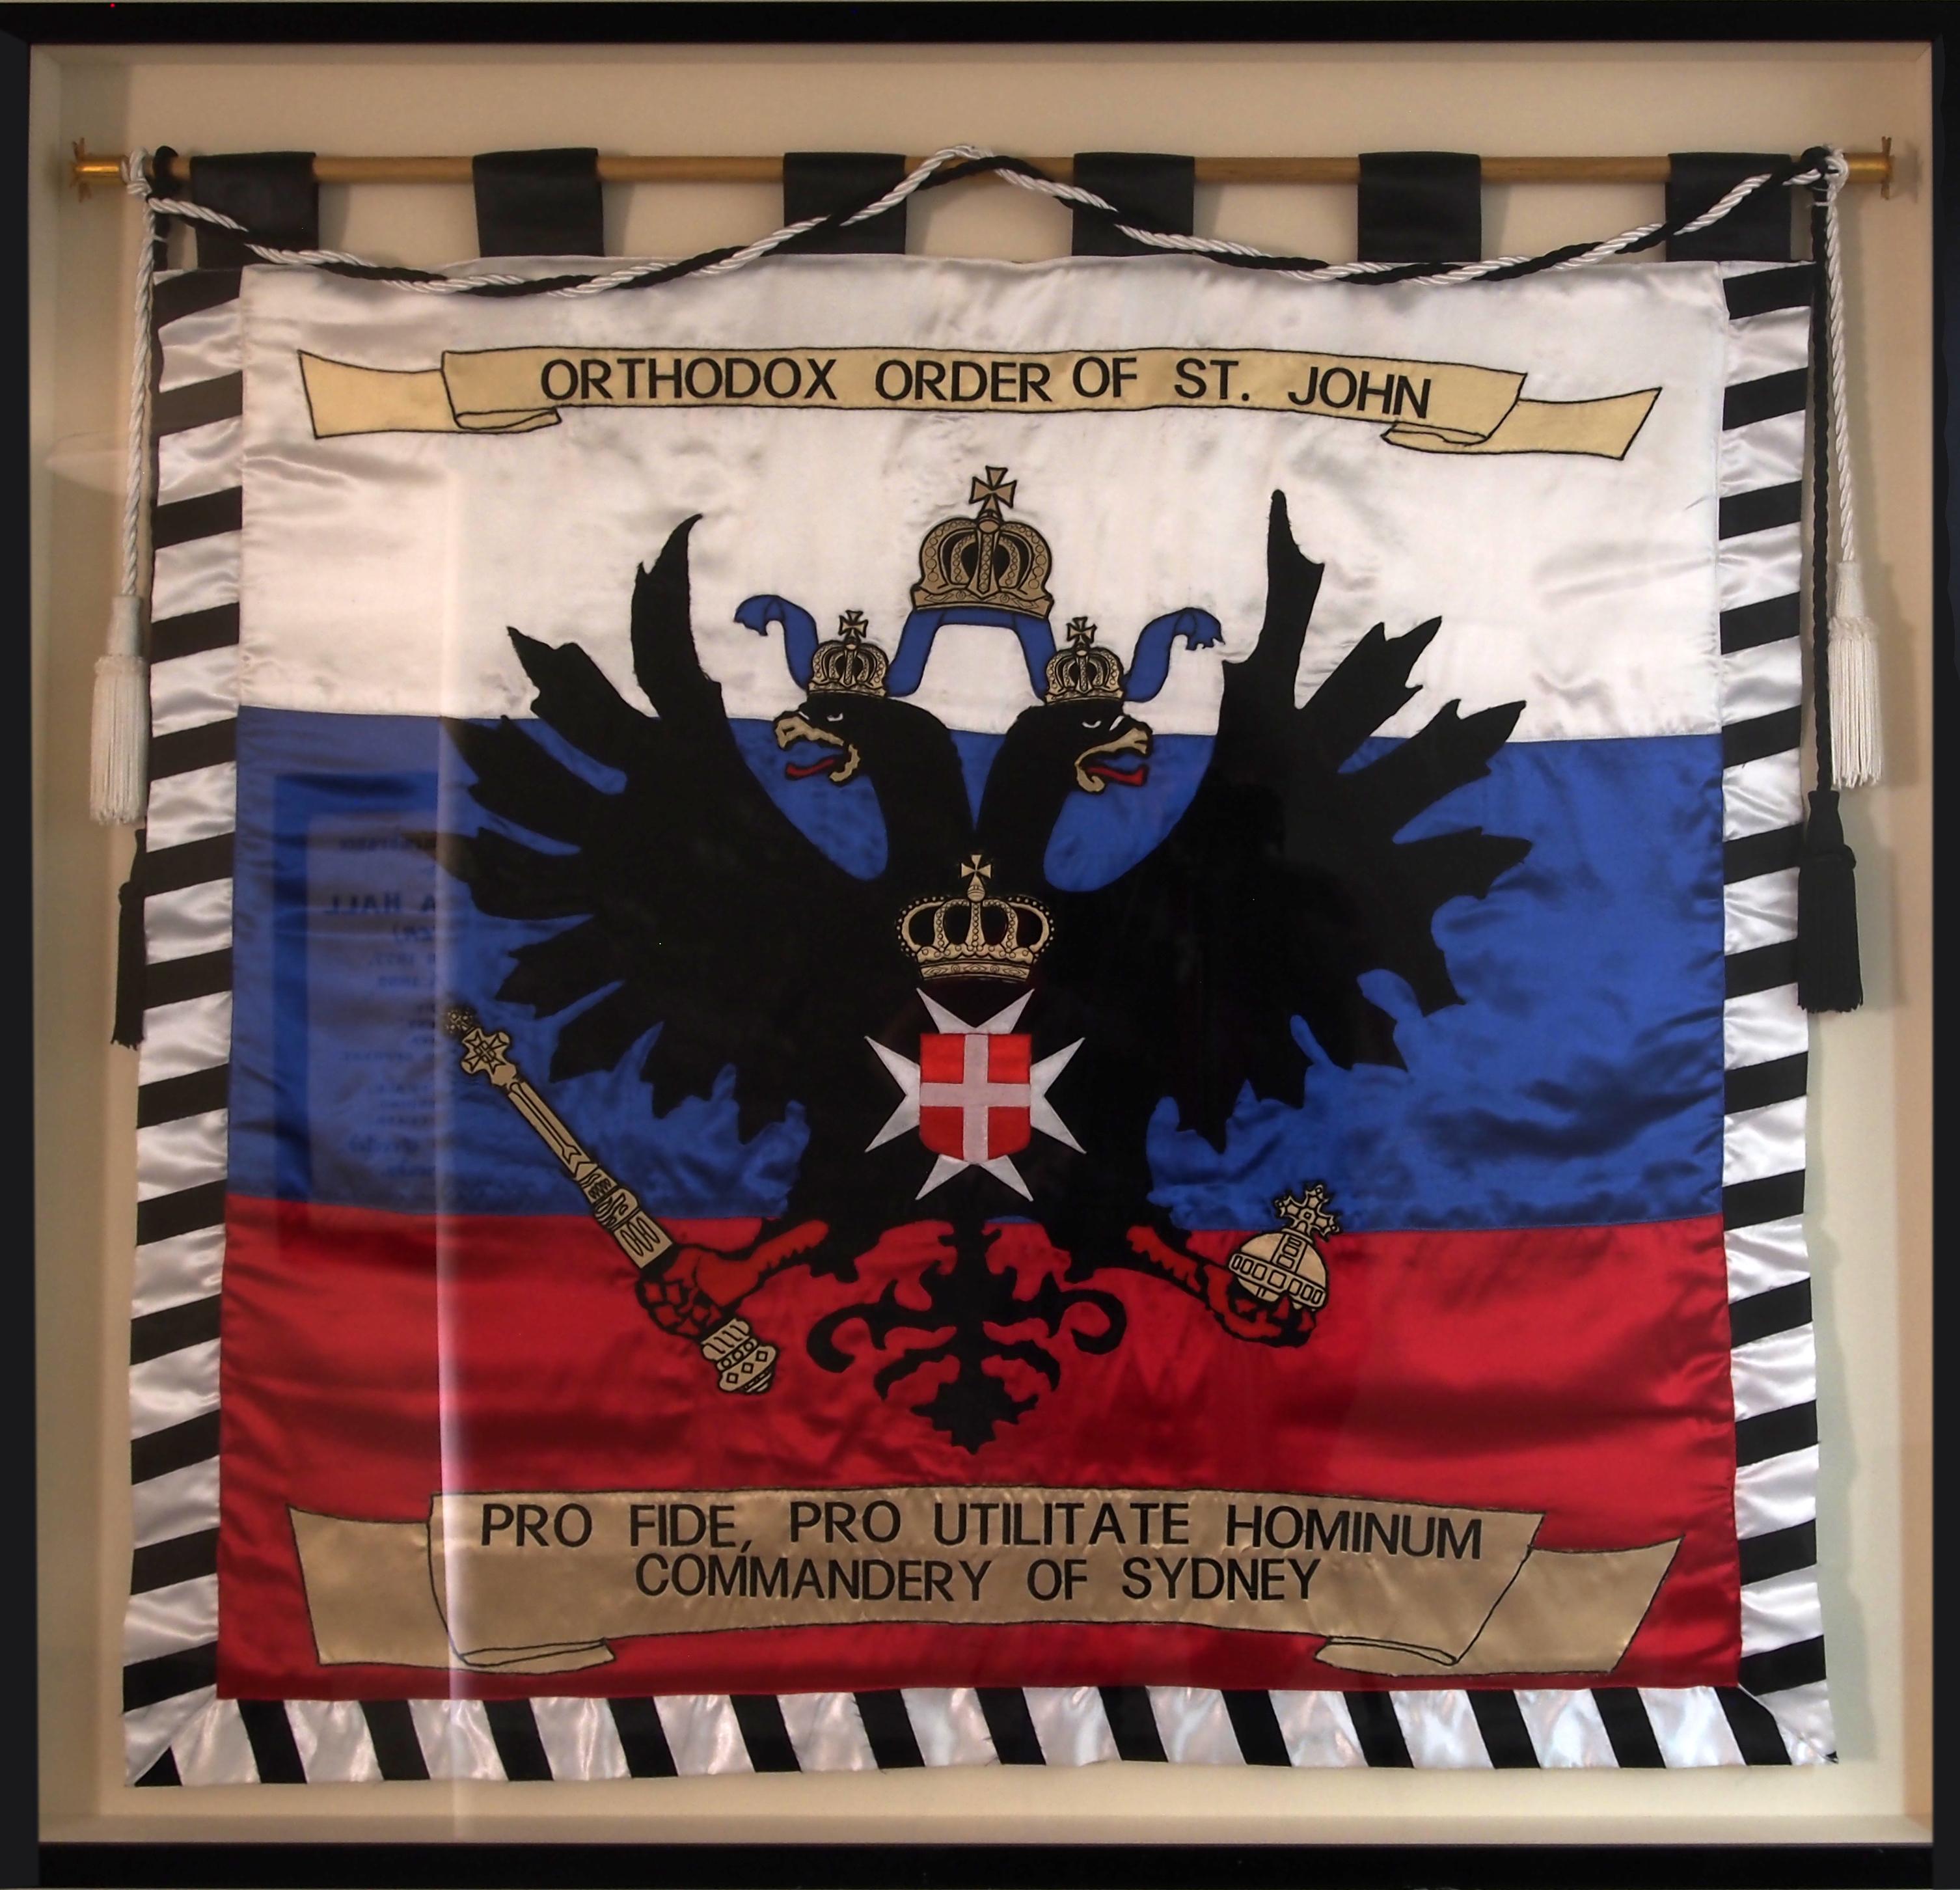 File:Order of St John banner jpg - Wikimedia Commons